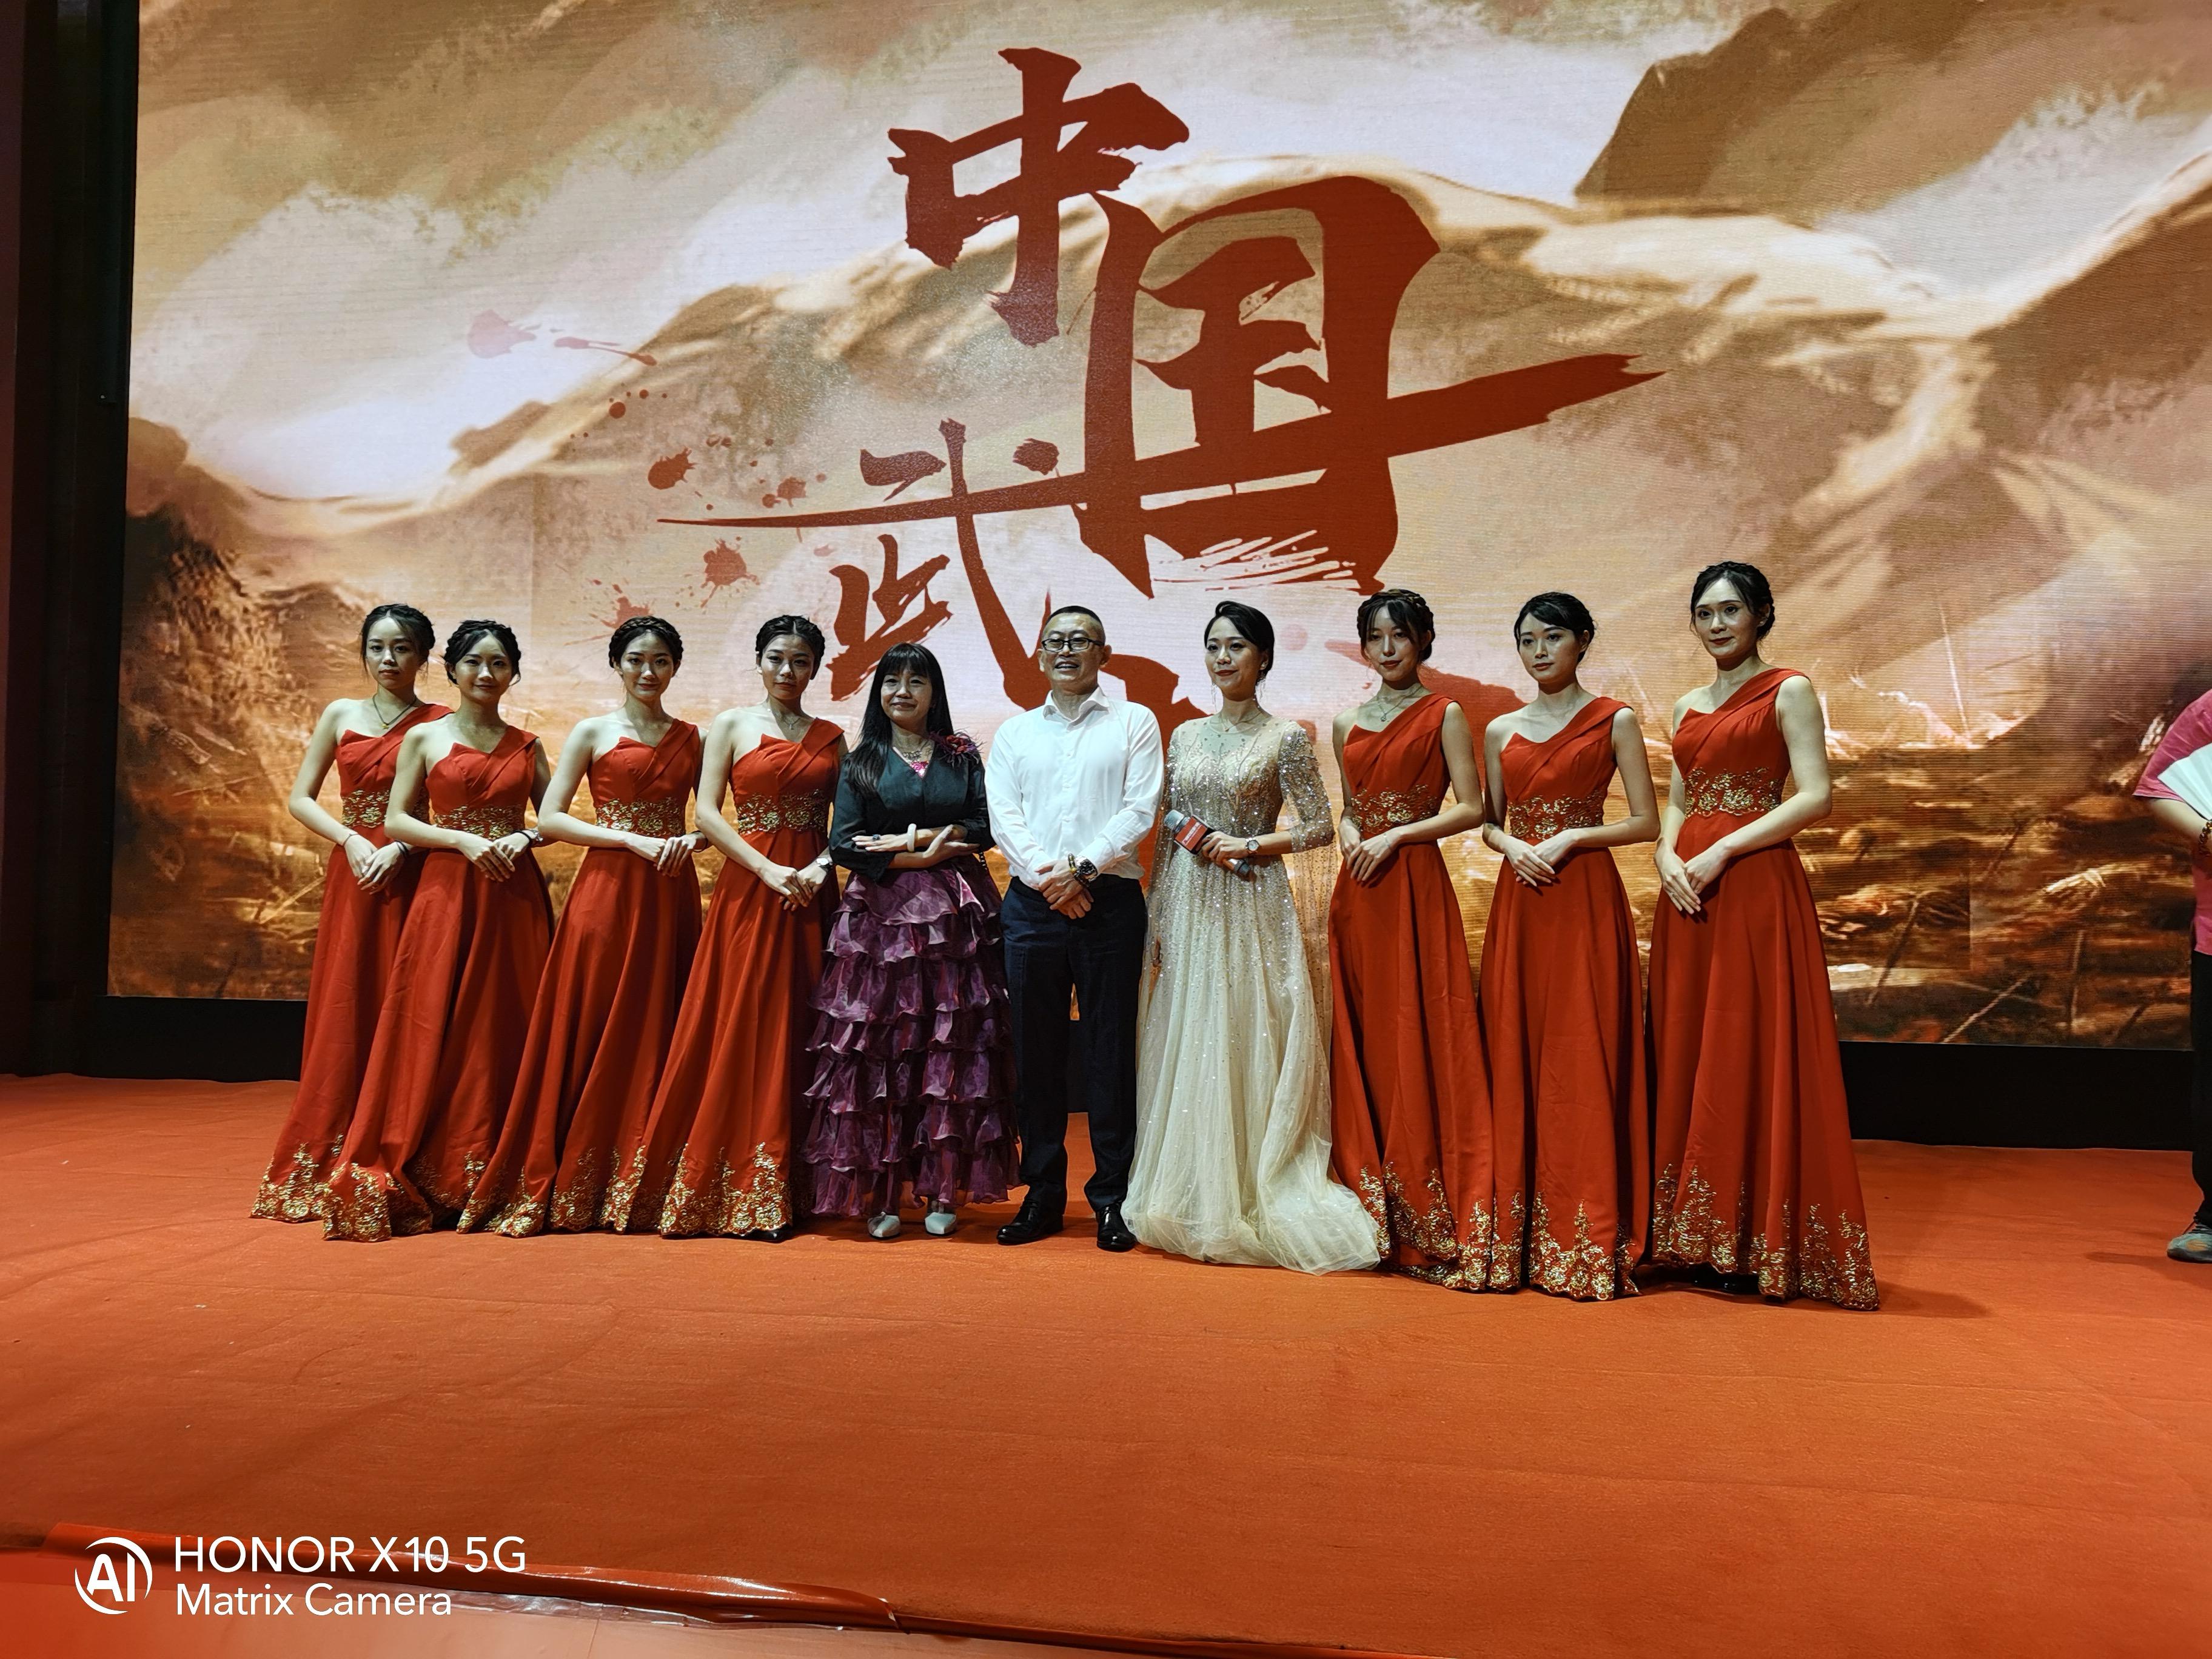 院线电影《中国武士》项目发布会在广州举行